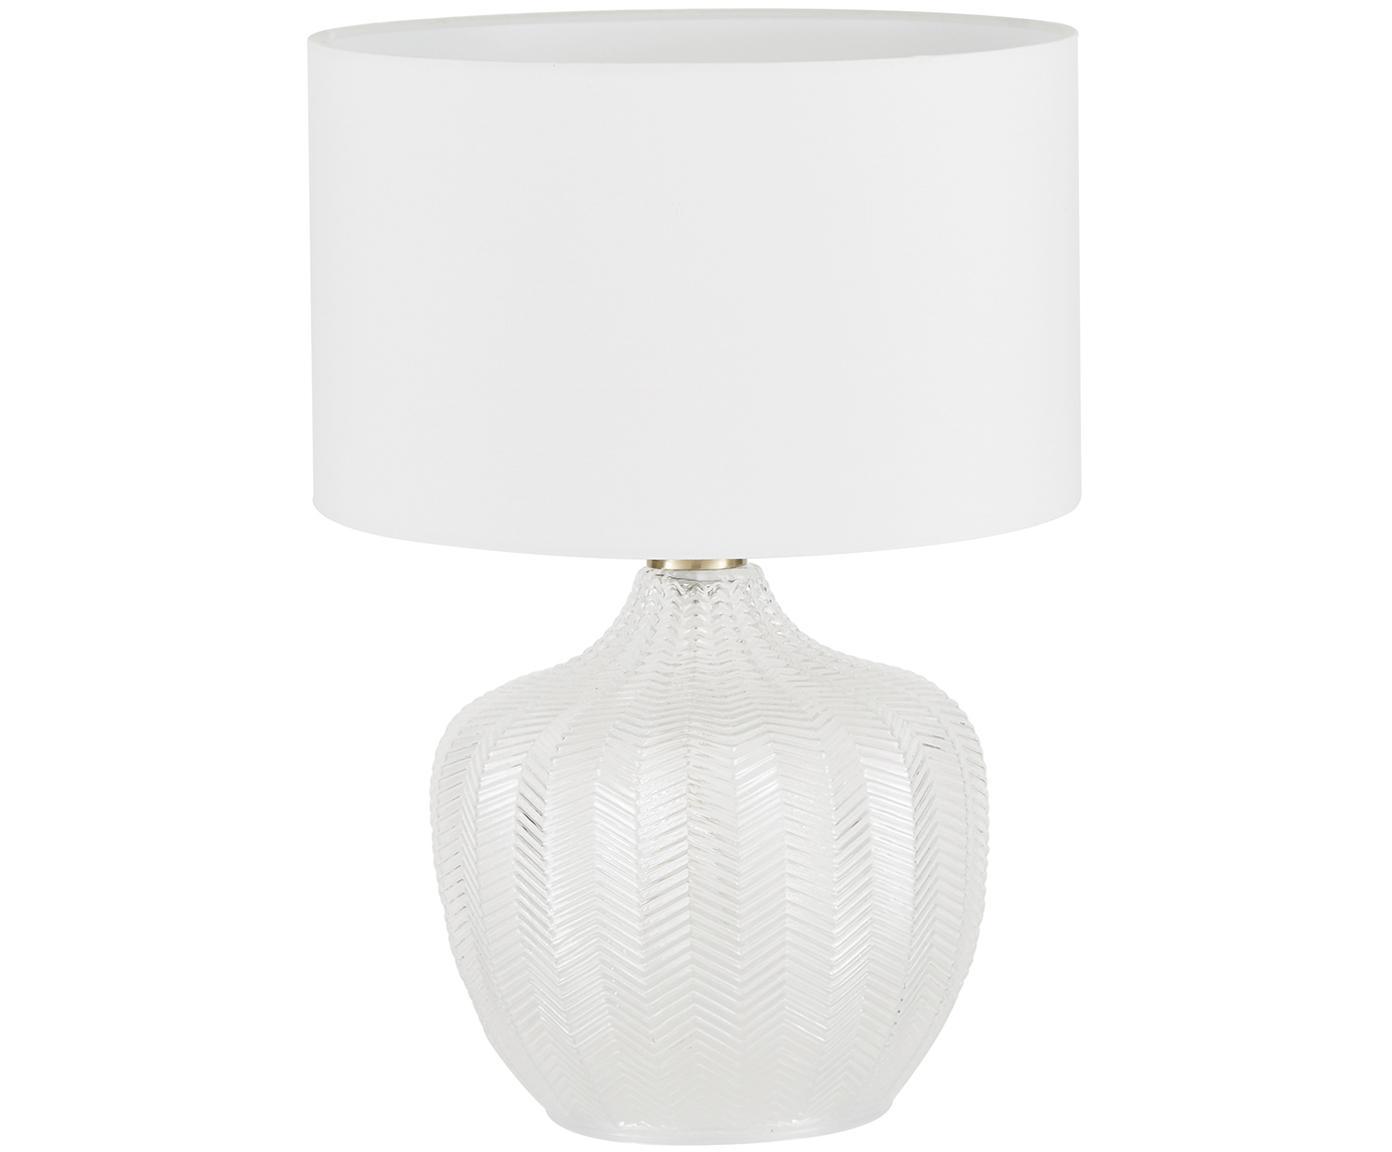 Tischleuchte Sue, Lampenschirm: Textil, Lampenfuß: Glas, Metall, vermessingt, Lampenschirm: WeissLampenfuss: Transparent, Messing, gebürstet, Ø 33 x H 47 cm